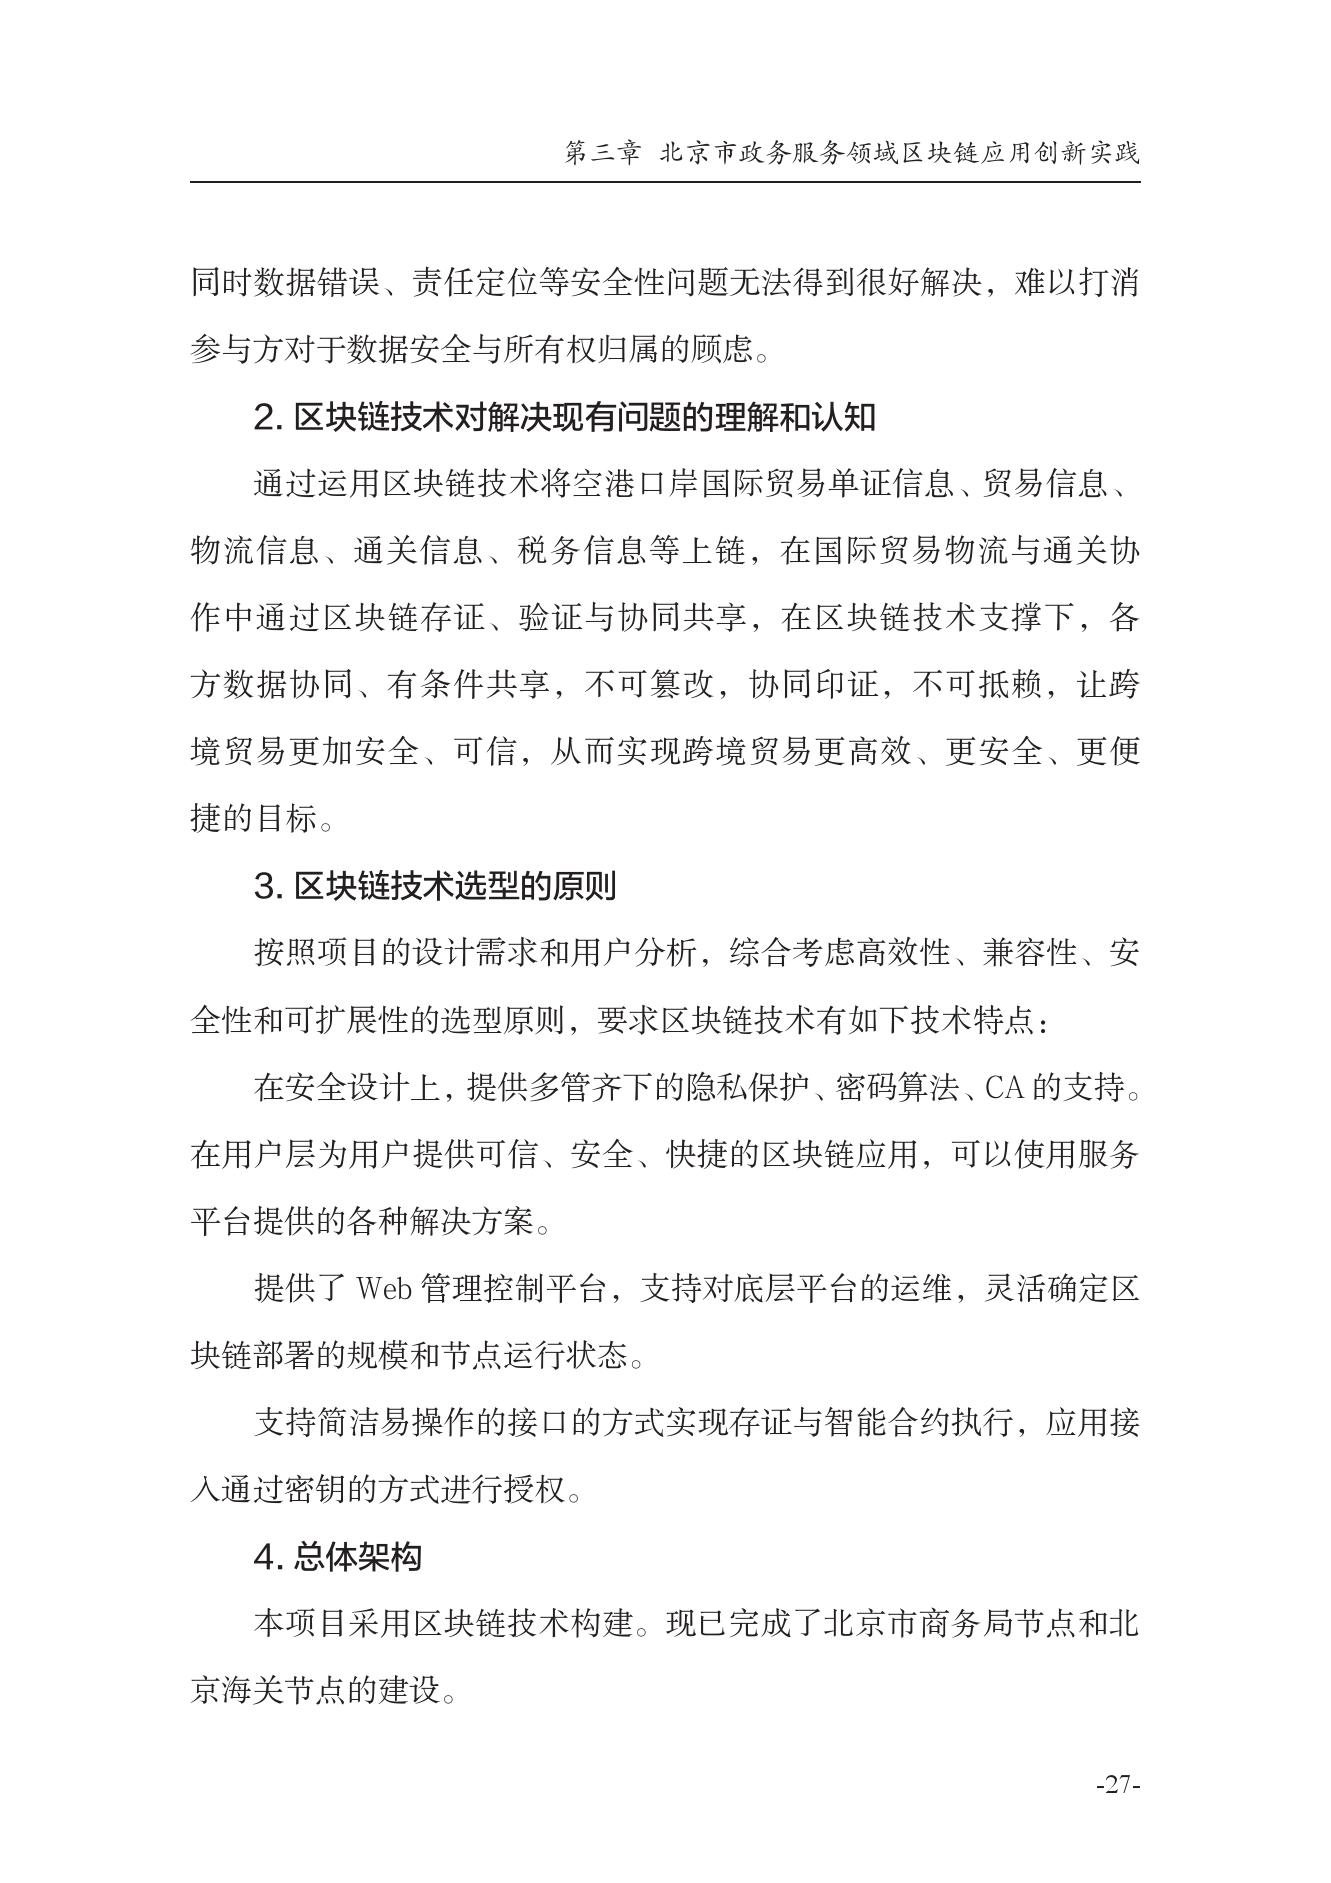 北京市政务服务领域区块链应用创新蓝皮书(可下载报告)插图(59)